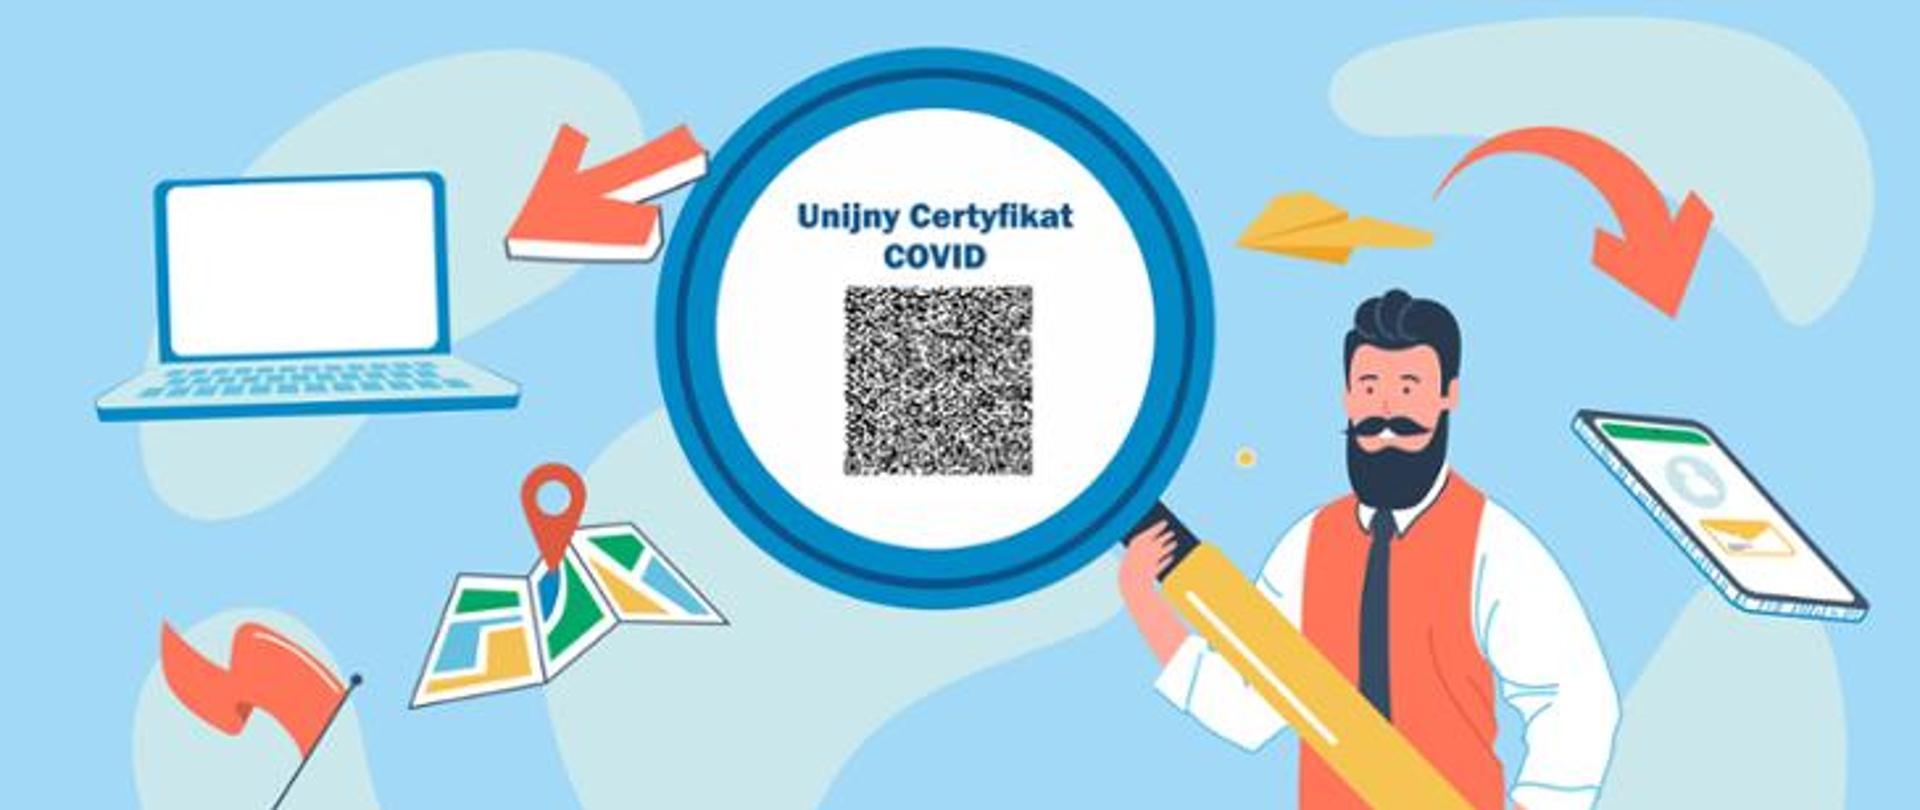 Grafika: w środku koło z niebieskim obramowaniem z kodem Unijny Certyfikat Covid. Po boku ikona uśmiechniętego mężczyzny z brodą, ubranego w białą koszulę, pomarańczową kamizelkę i czarny krawat, oraz ikony smartfona, laptopa, mapy.